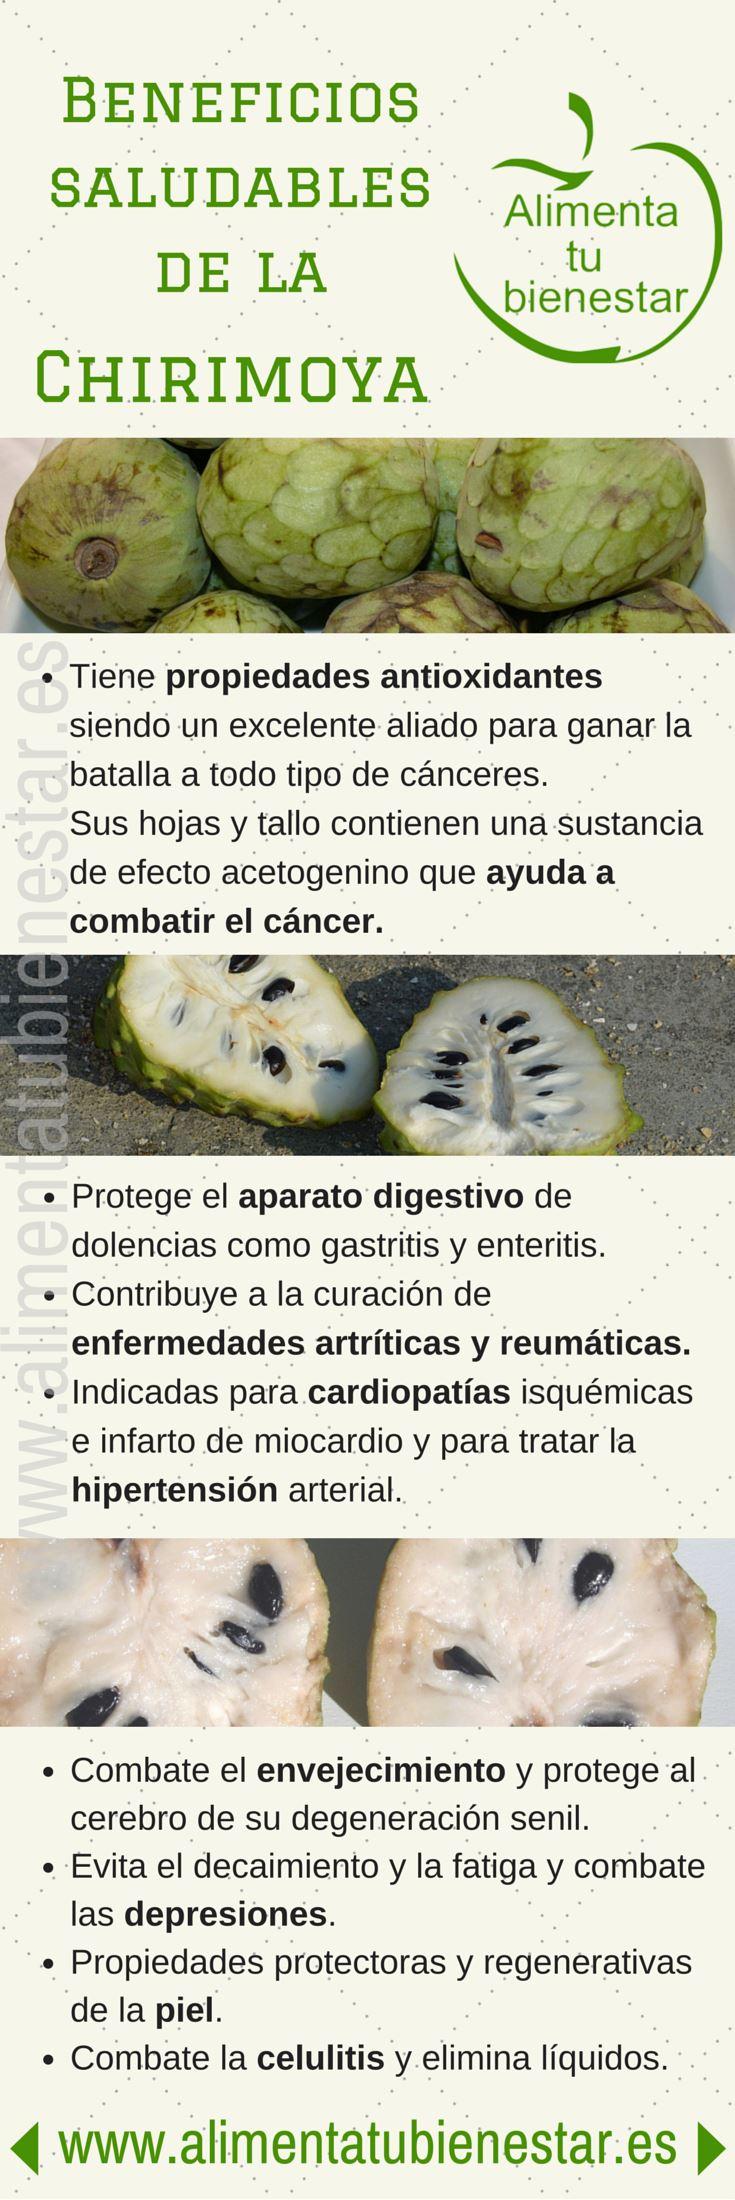 Beneficios saludables de la chirimoya